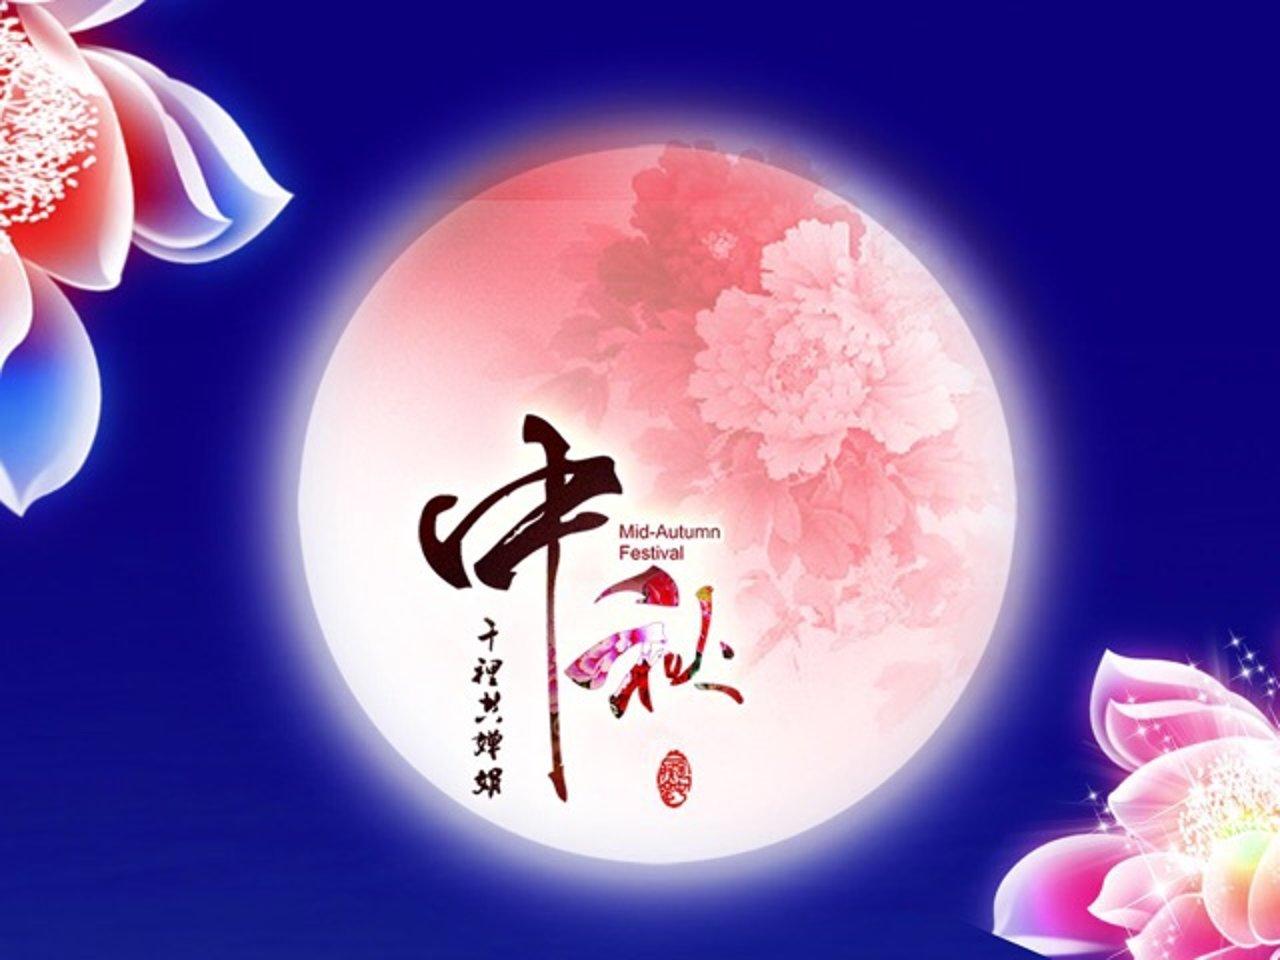 中秋节快到了,还在买月饼礼盒吗?